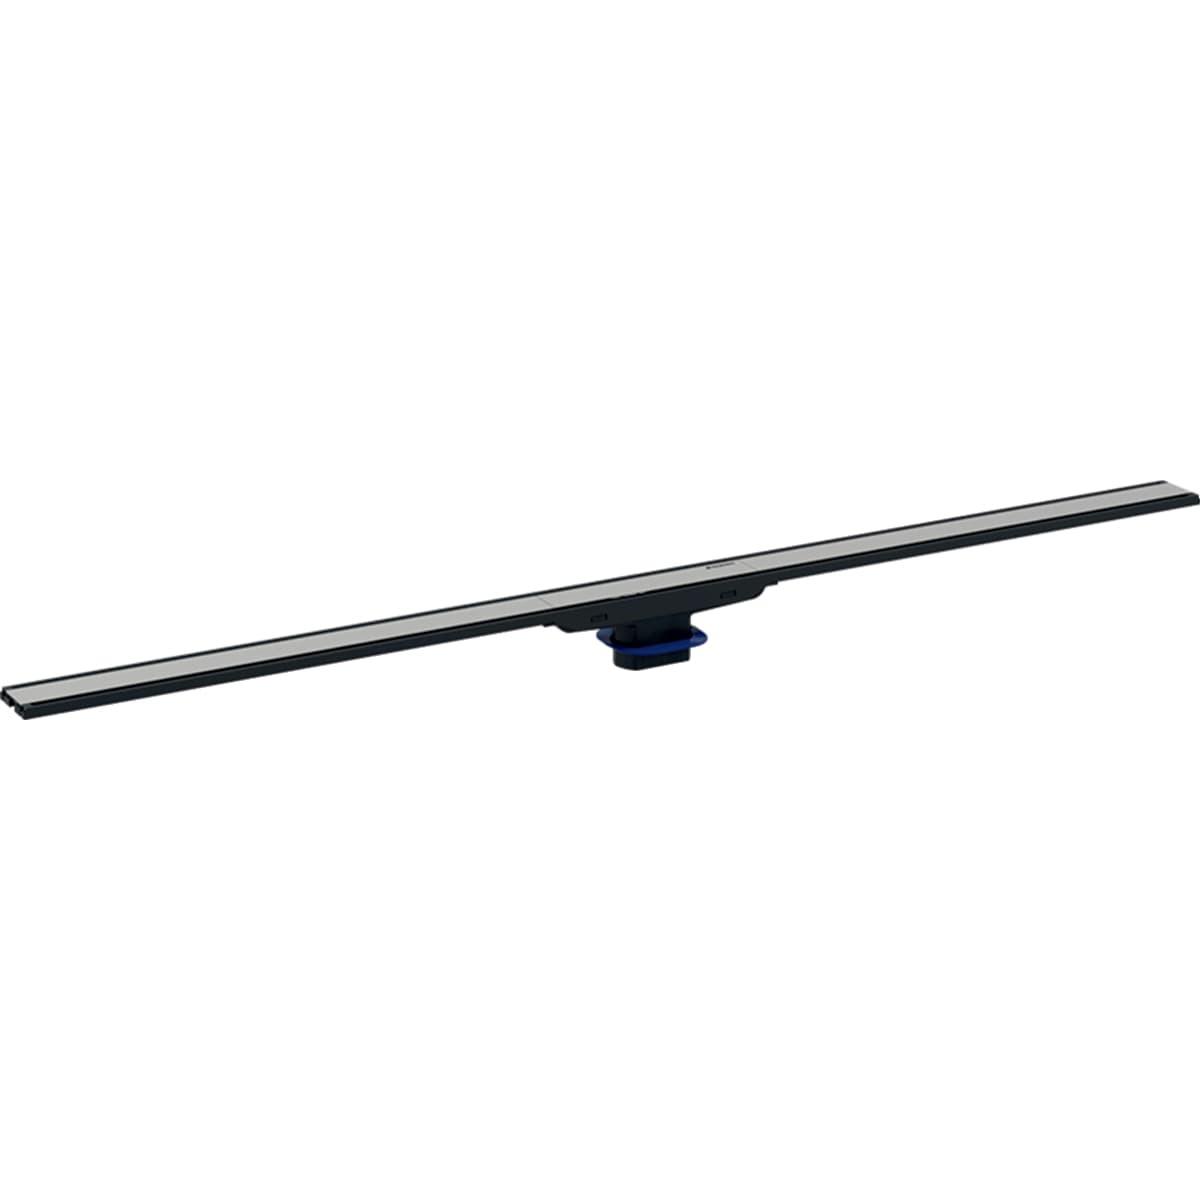 Nerezový sprchový kanálek Geberit CleanLine, 300-900 mm, tmavý kov 154.456.00.1